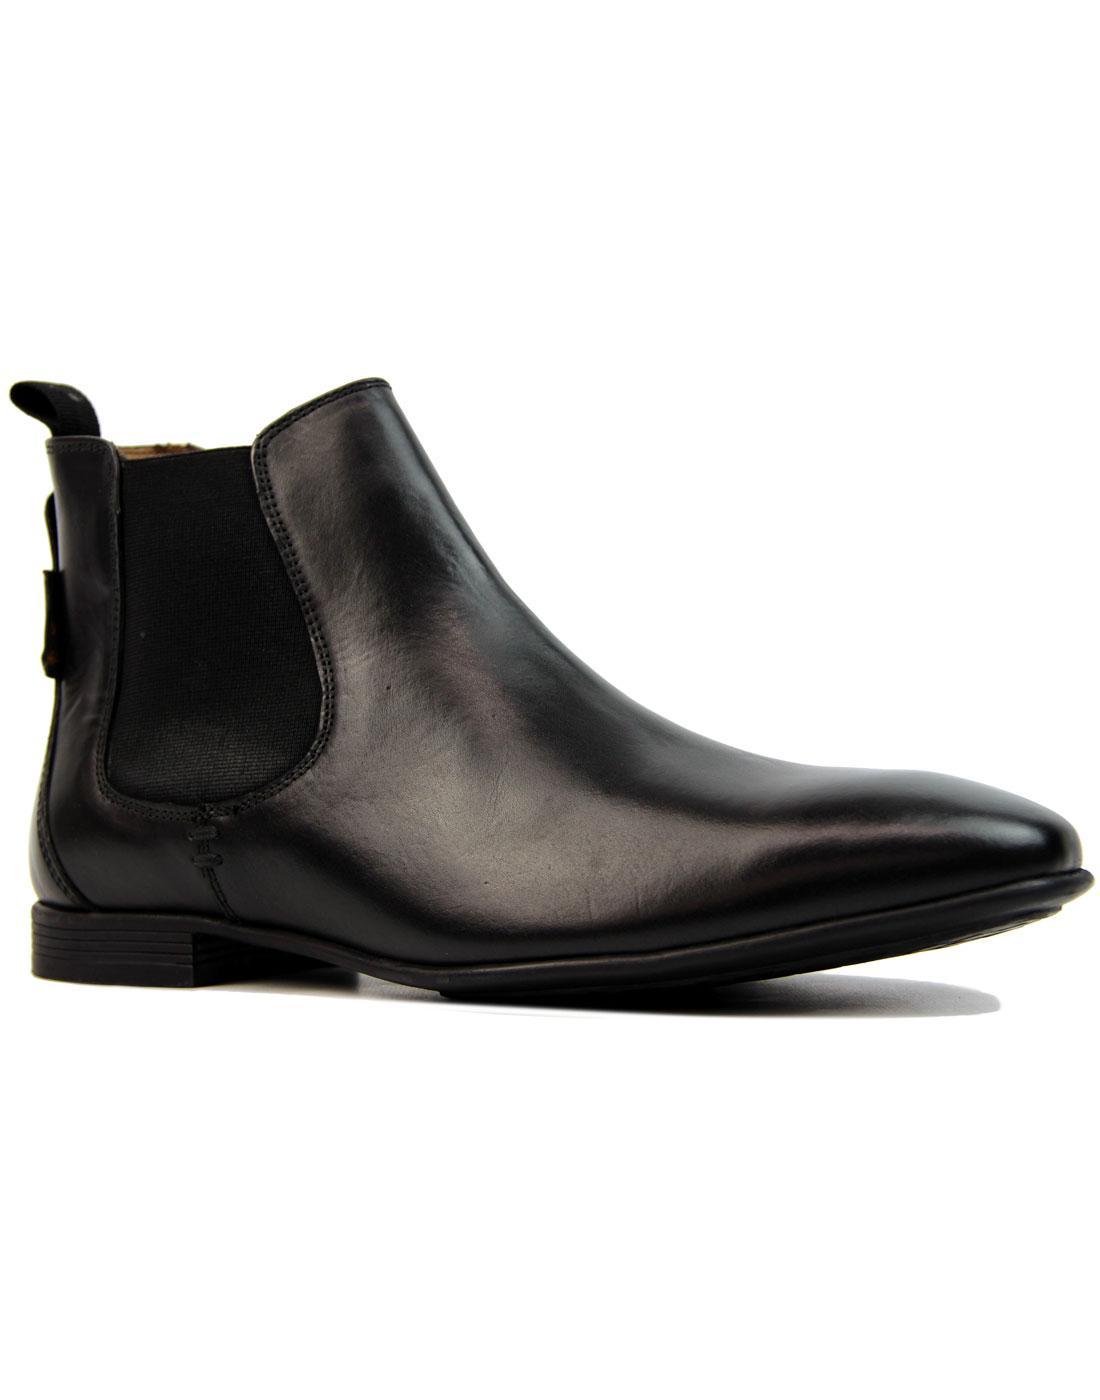 Archibald BEN SHERMAN 60s Mod Chelsea Boots BLACK